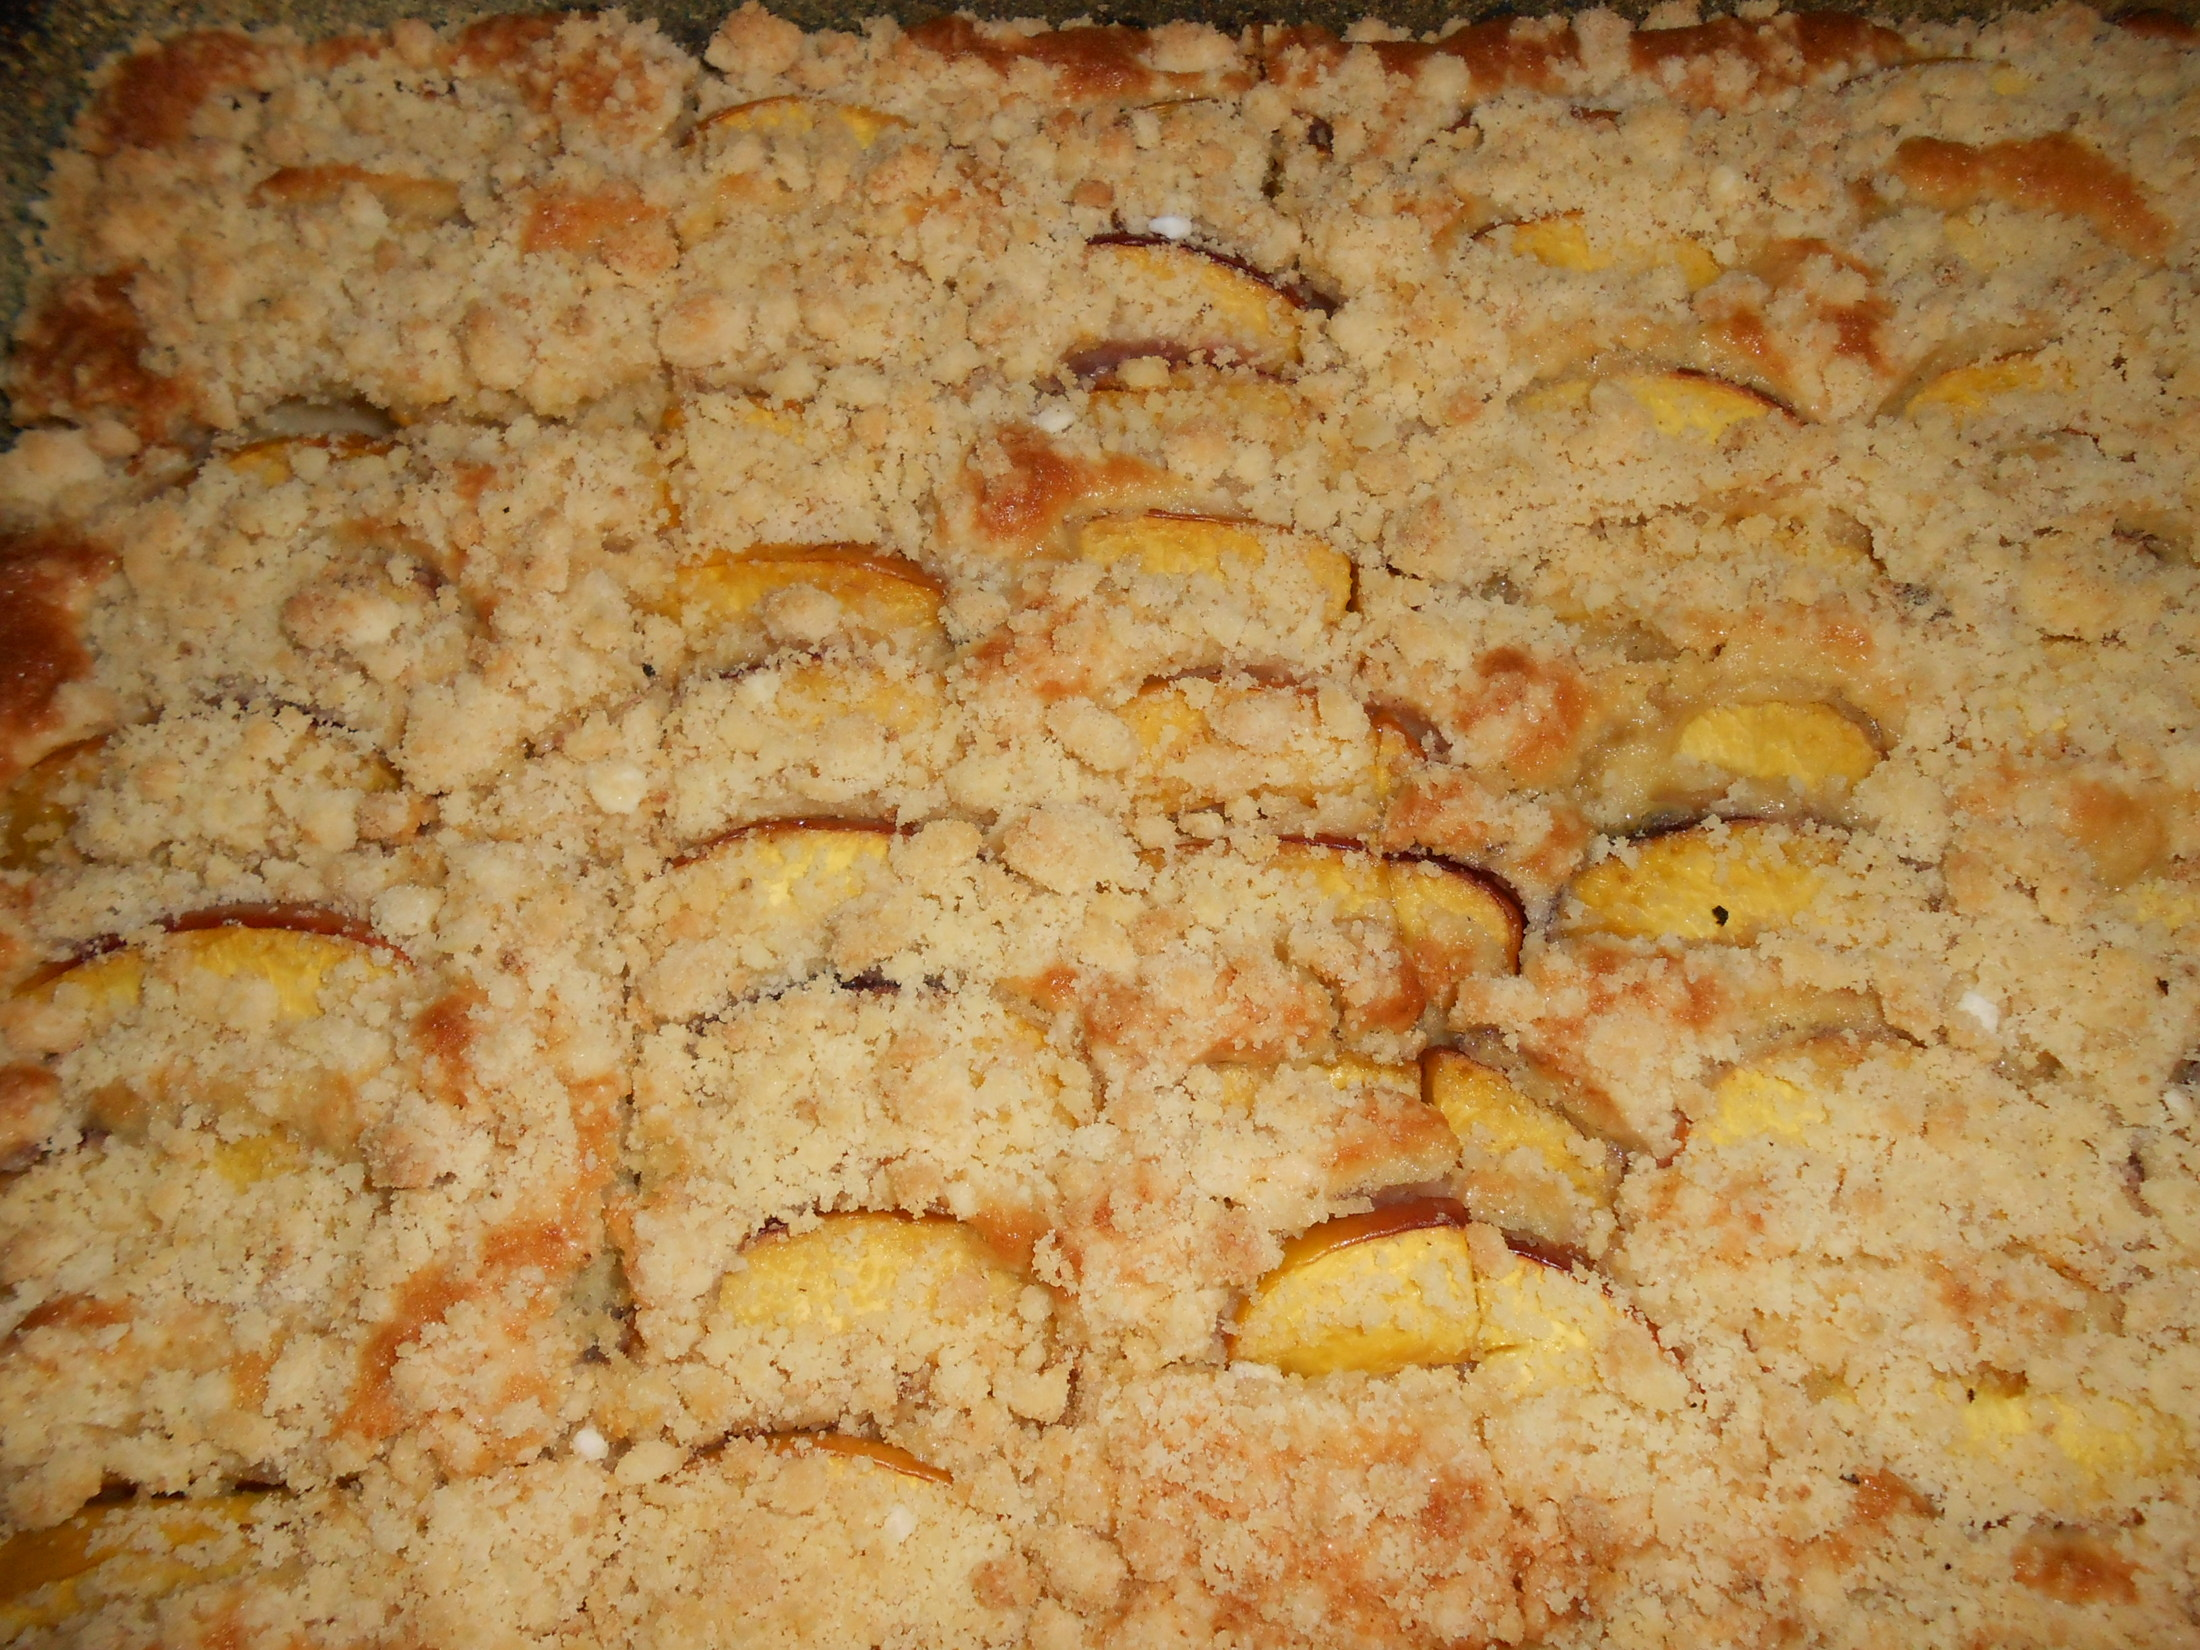 Recept Snadný meruňkový koláč - Místo meruňek jsem dala nektarinky nakrájené na osminy. Koláč byl skvělý.